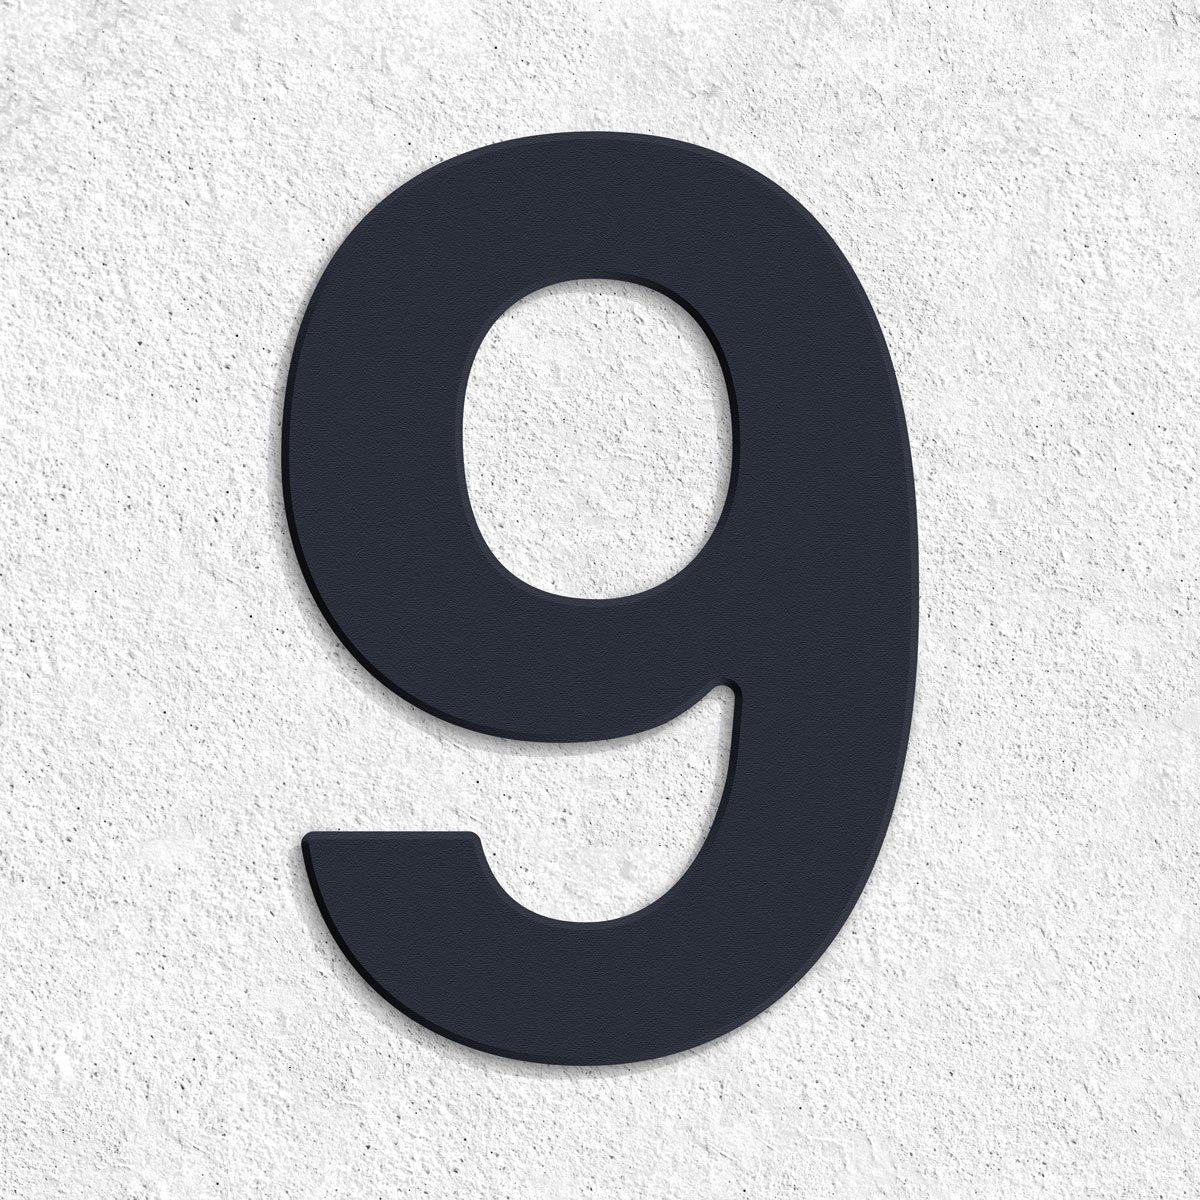 Hausnummer Anthrazit thorwa design v2a edelstahl hausnummer 9 feinstruktur beschichtet